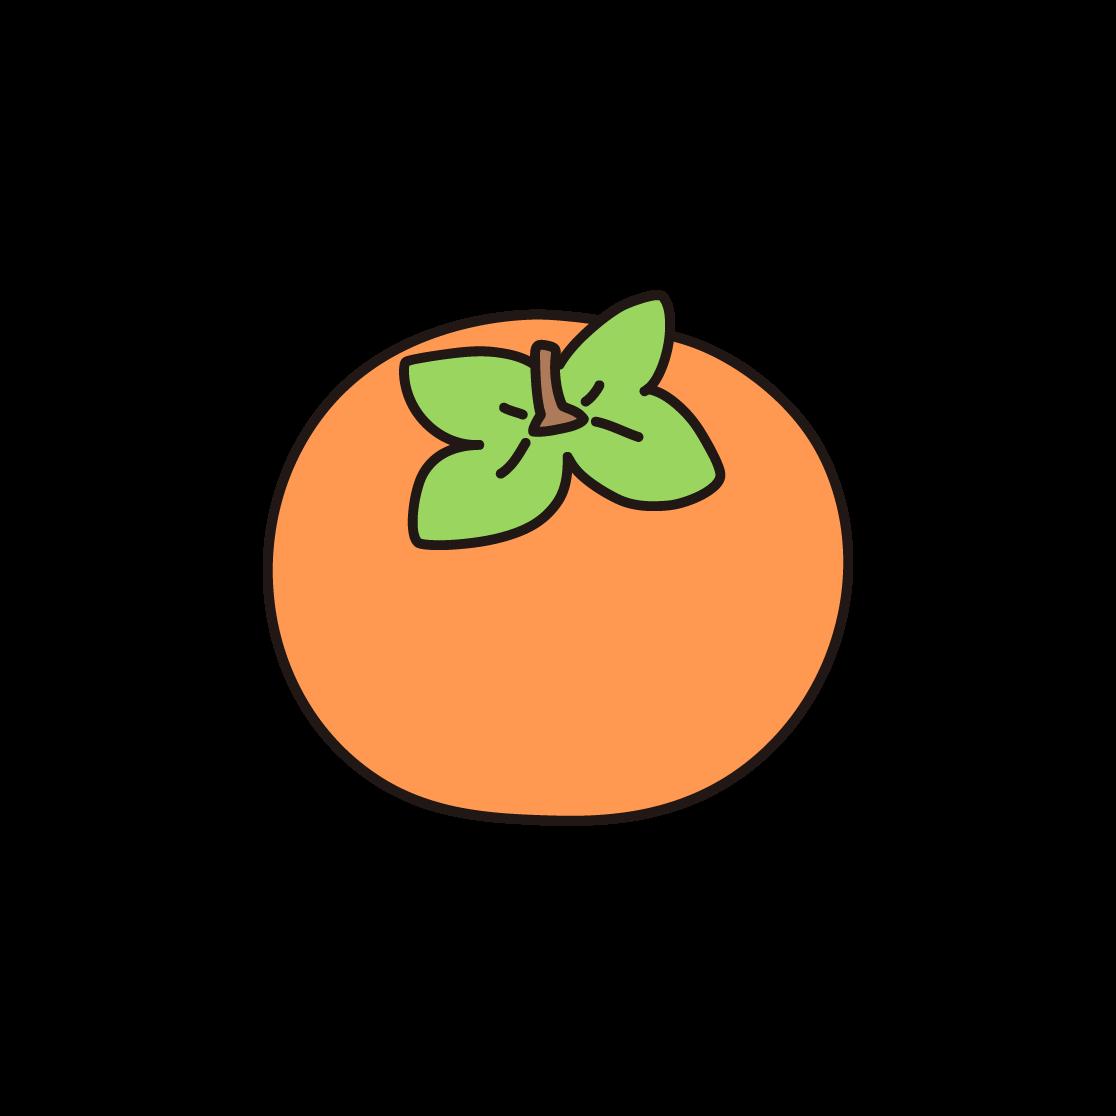 柿のイラスト